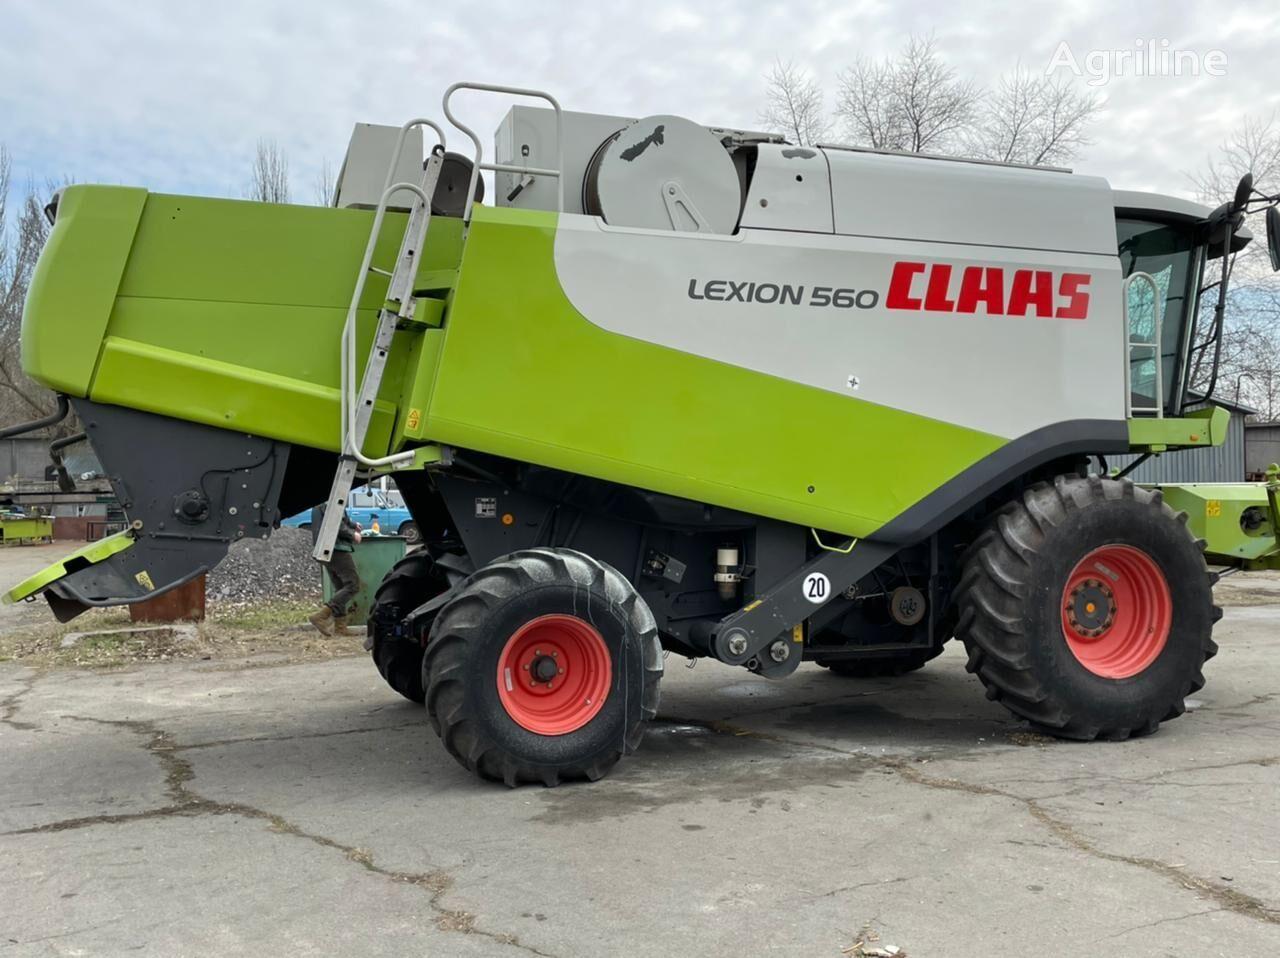 CLAAS Lexion 560 cosechadora de cereales